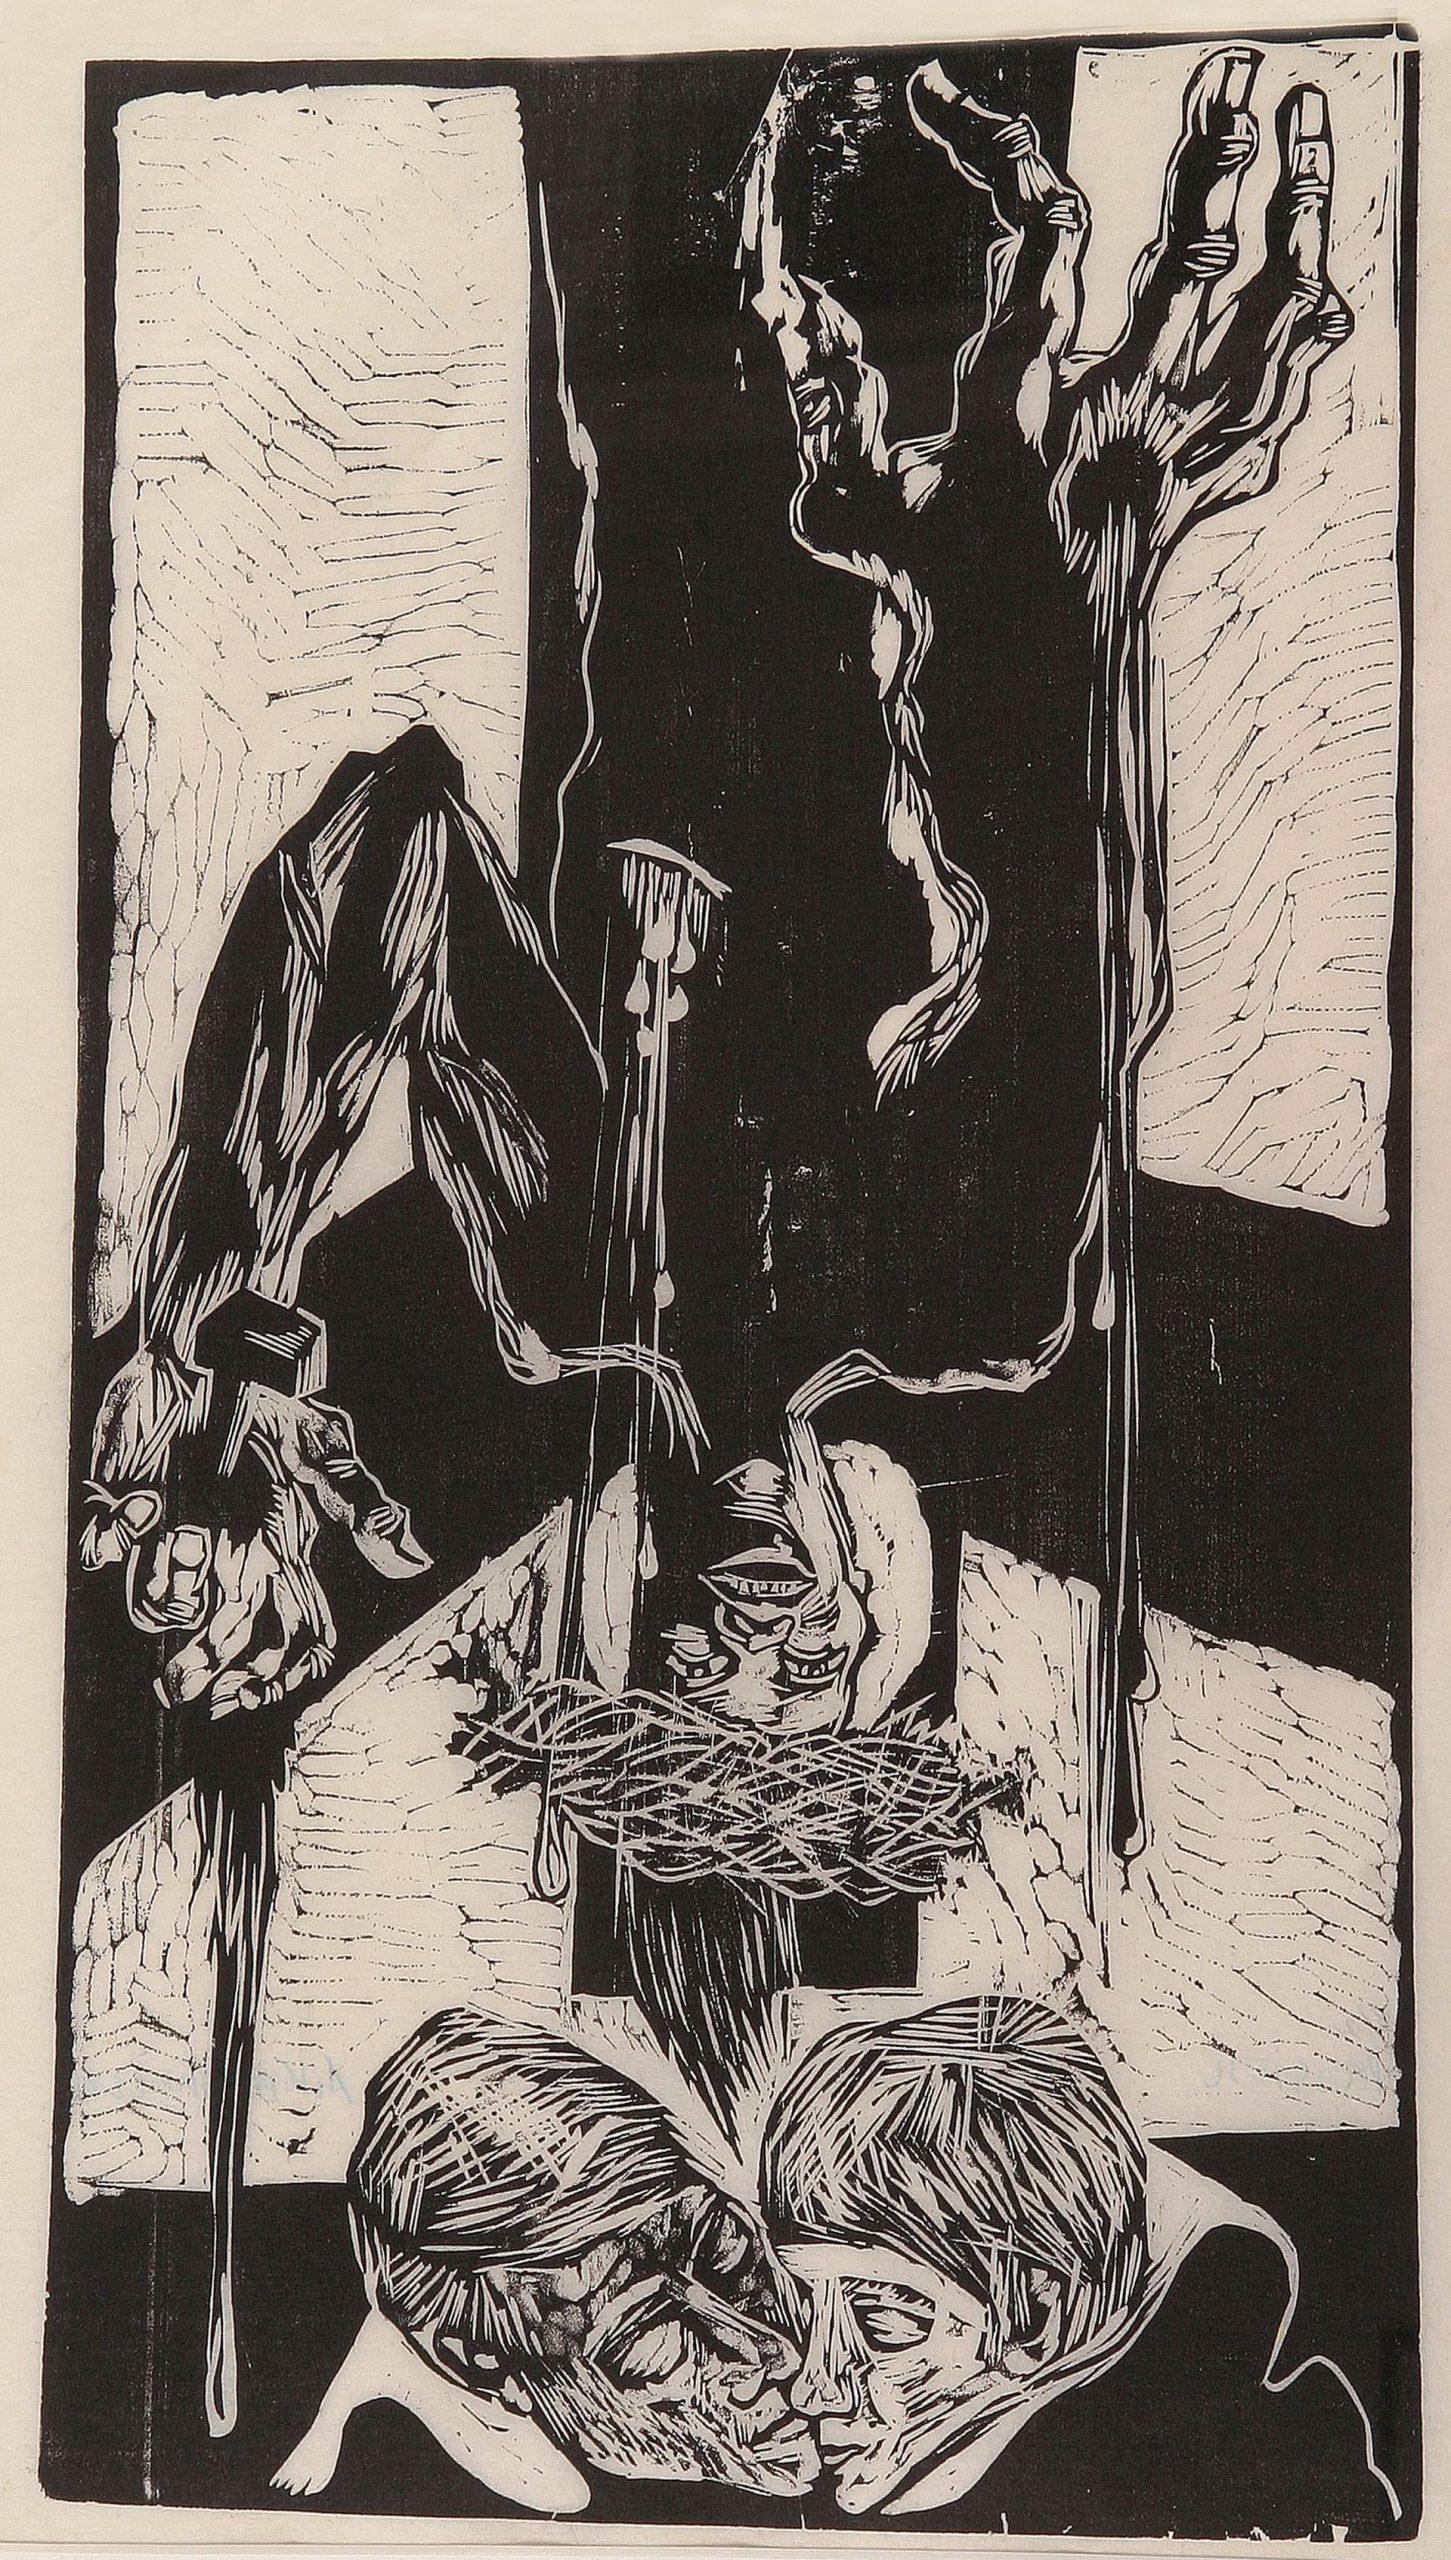 Auguste Kronheim-Lovers under the cross